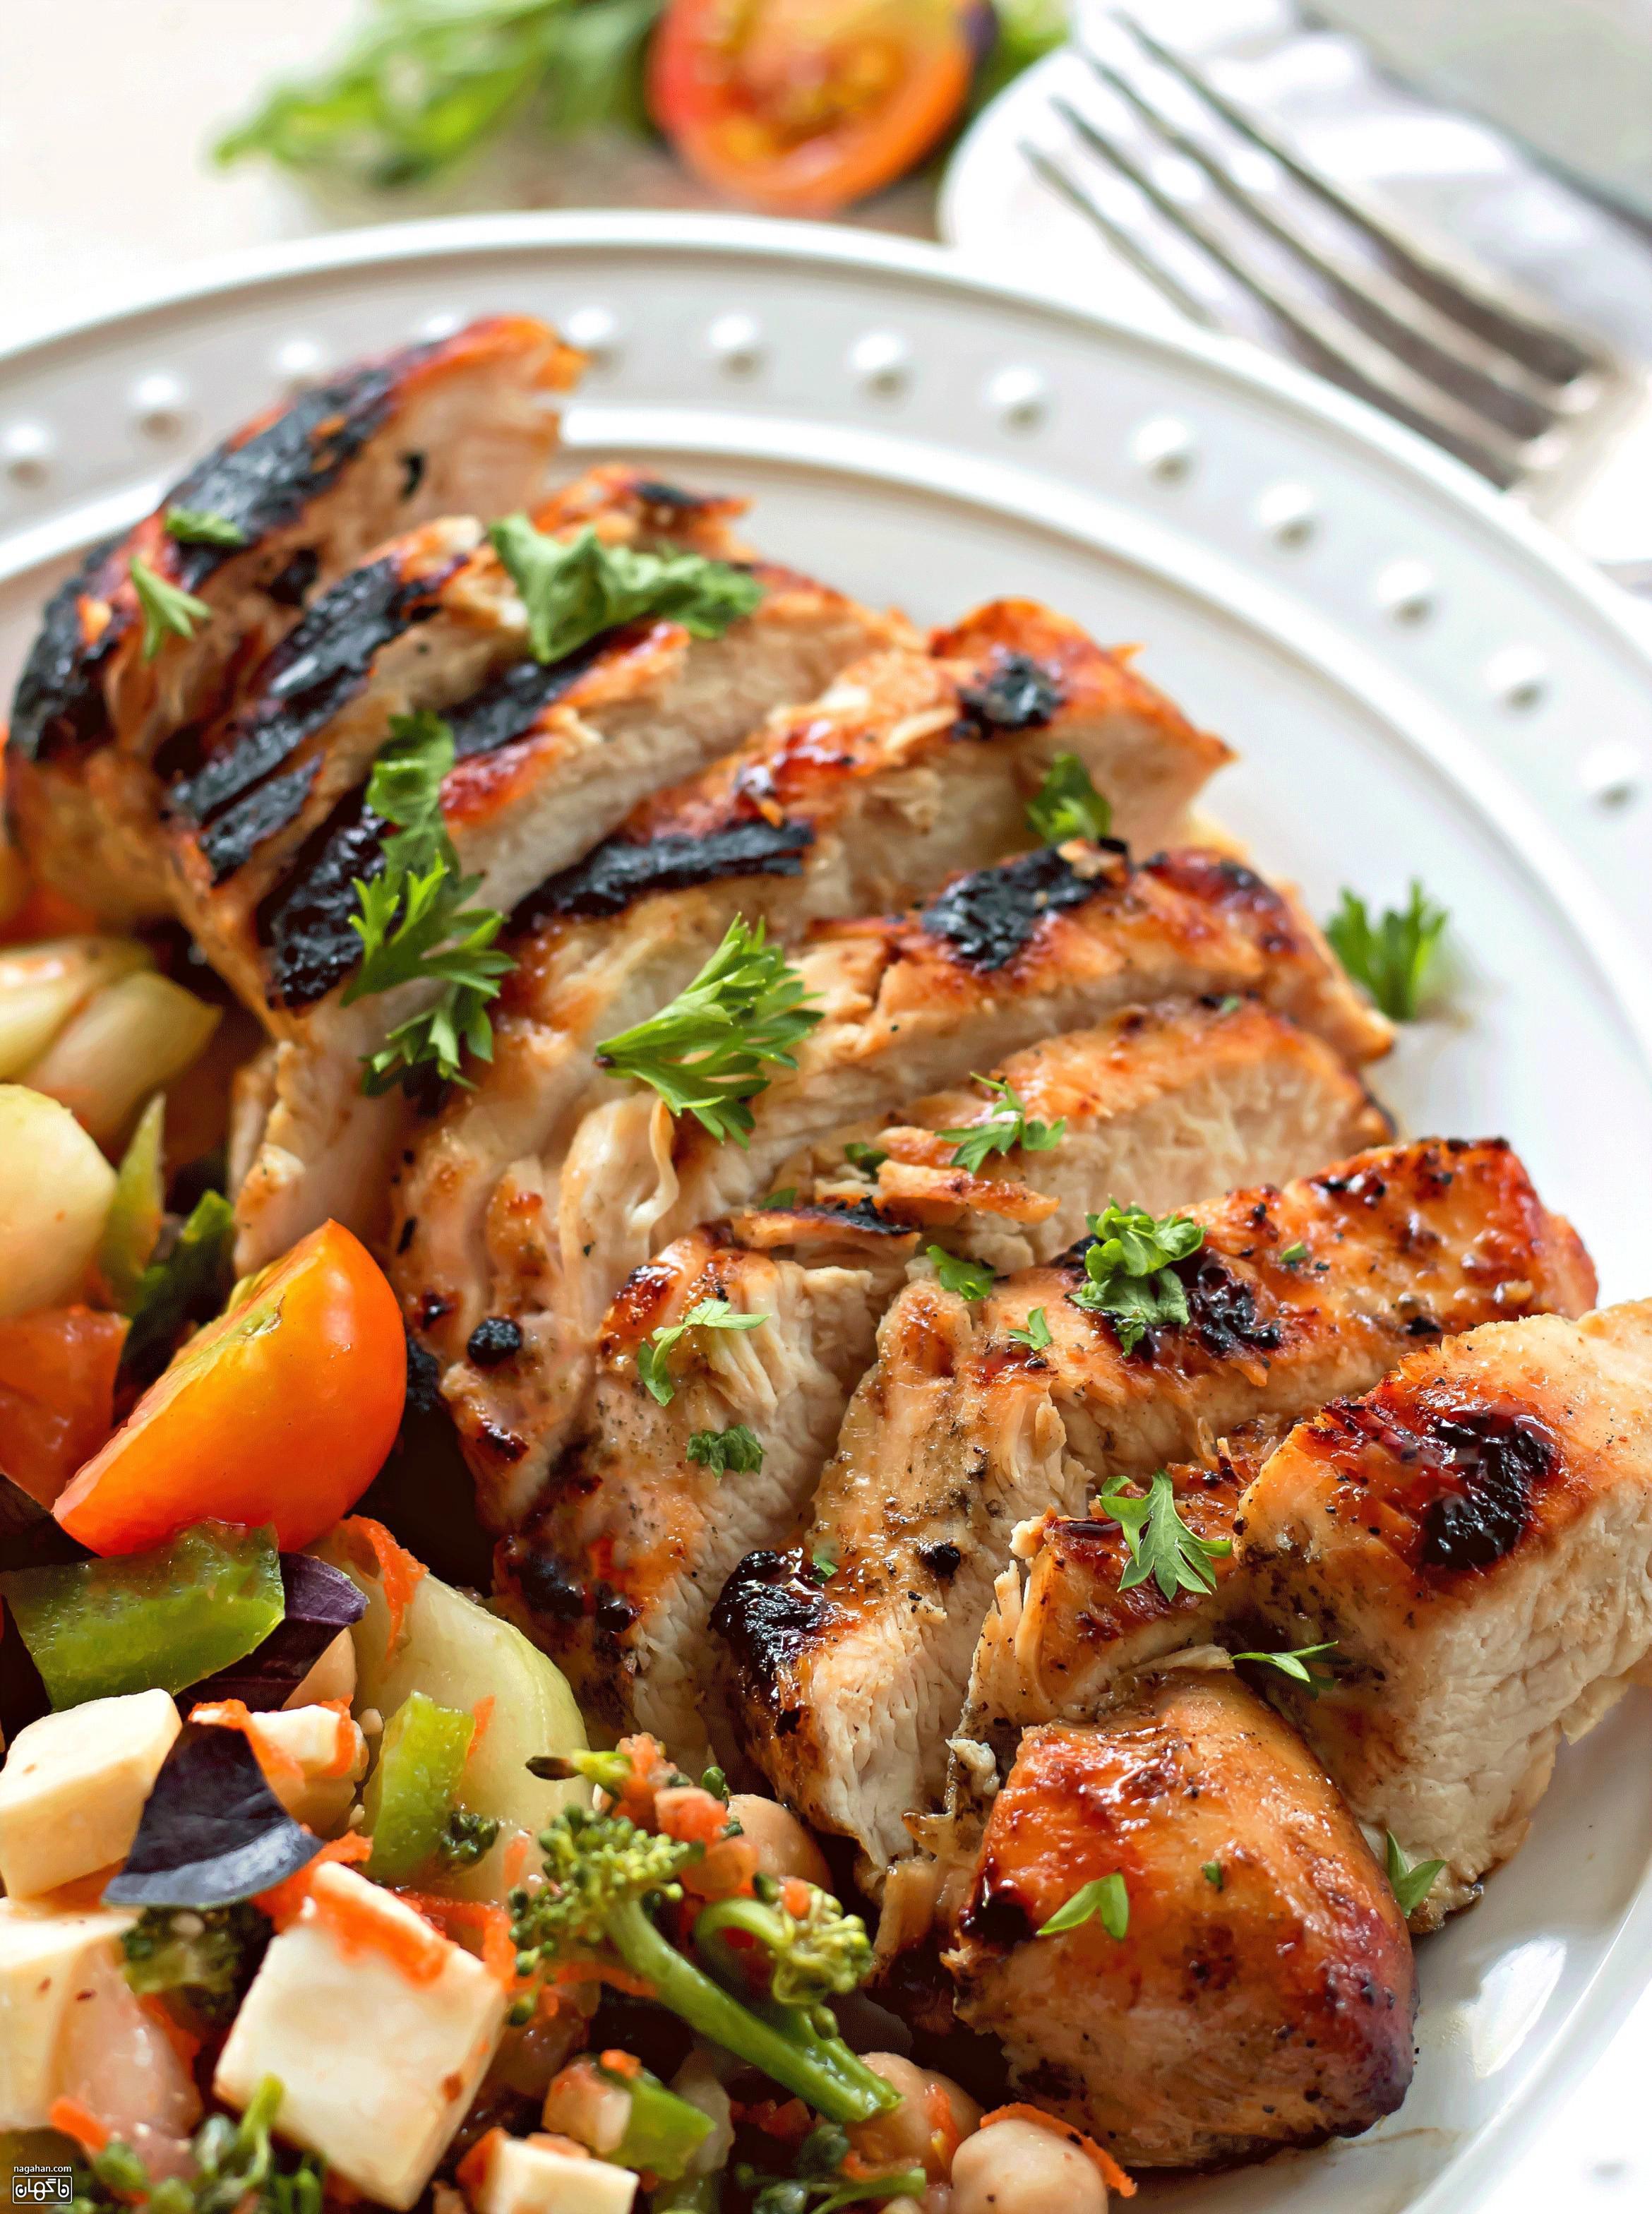 مرغ گریل طعم دار بسیار خوشمزه و لطیف